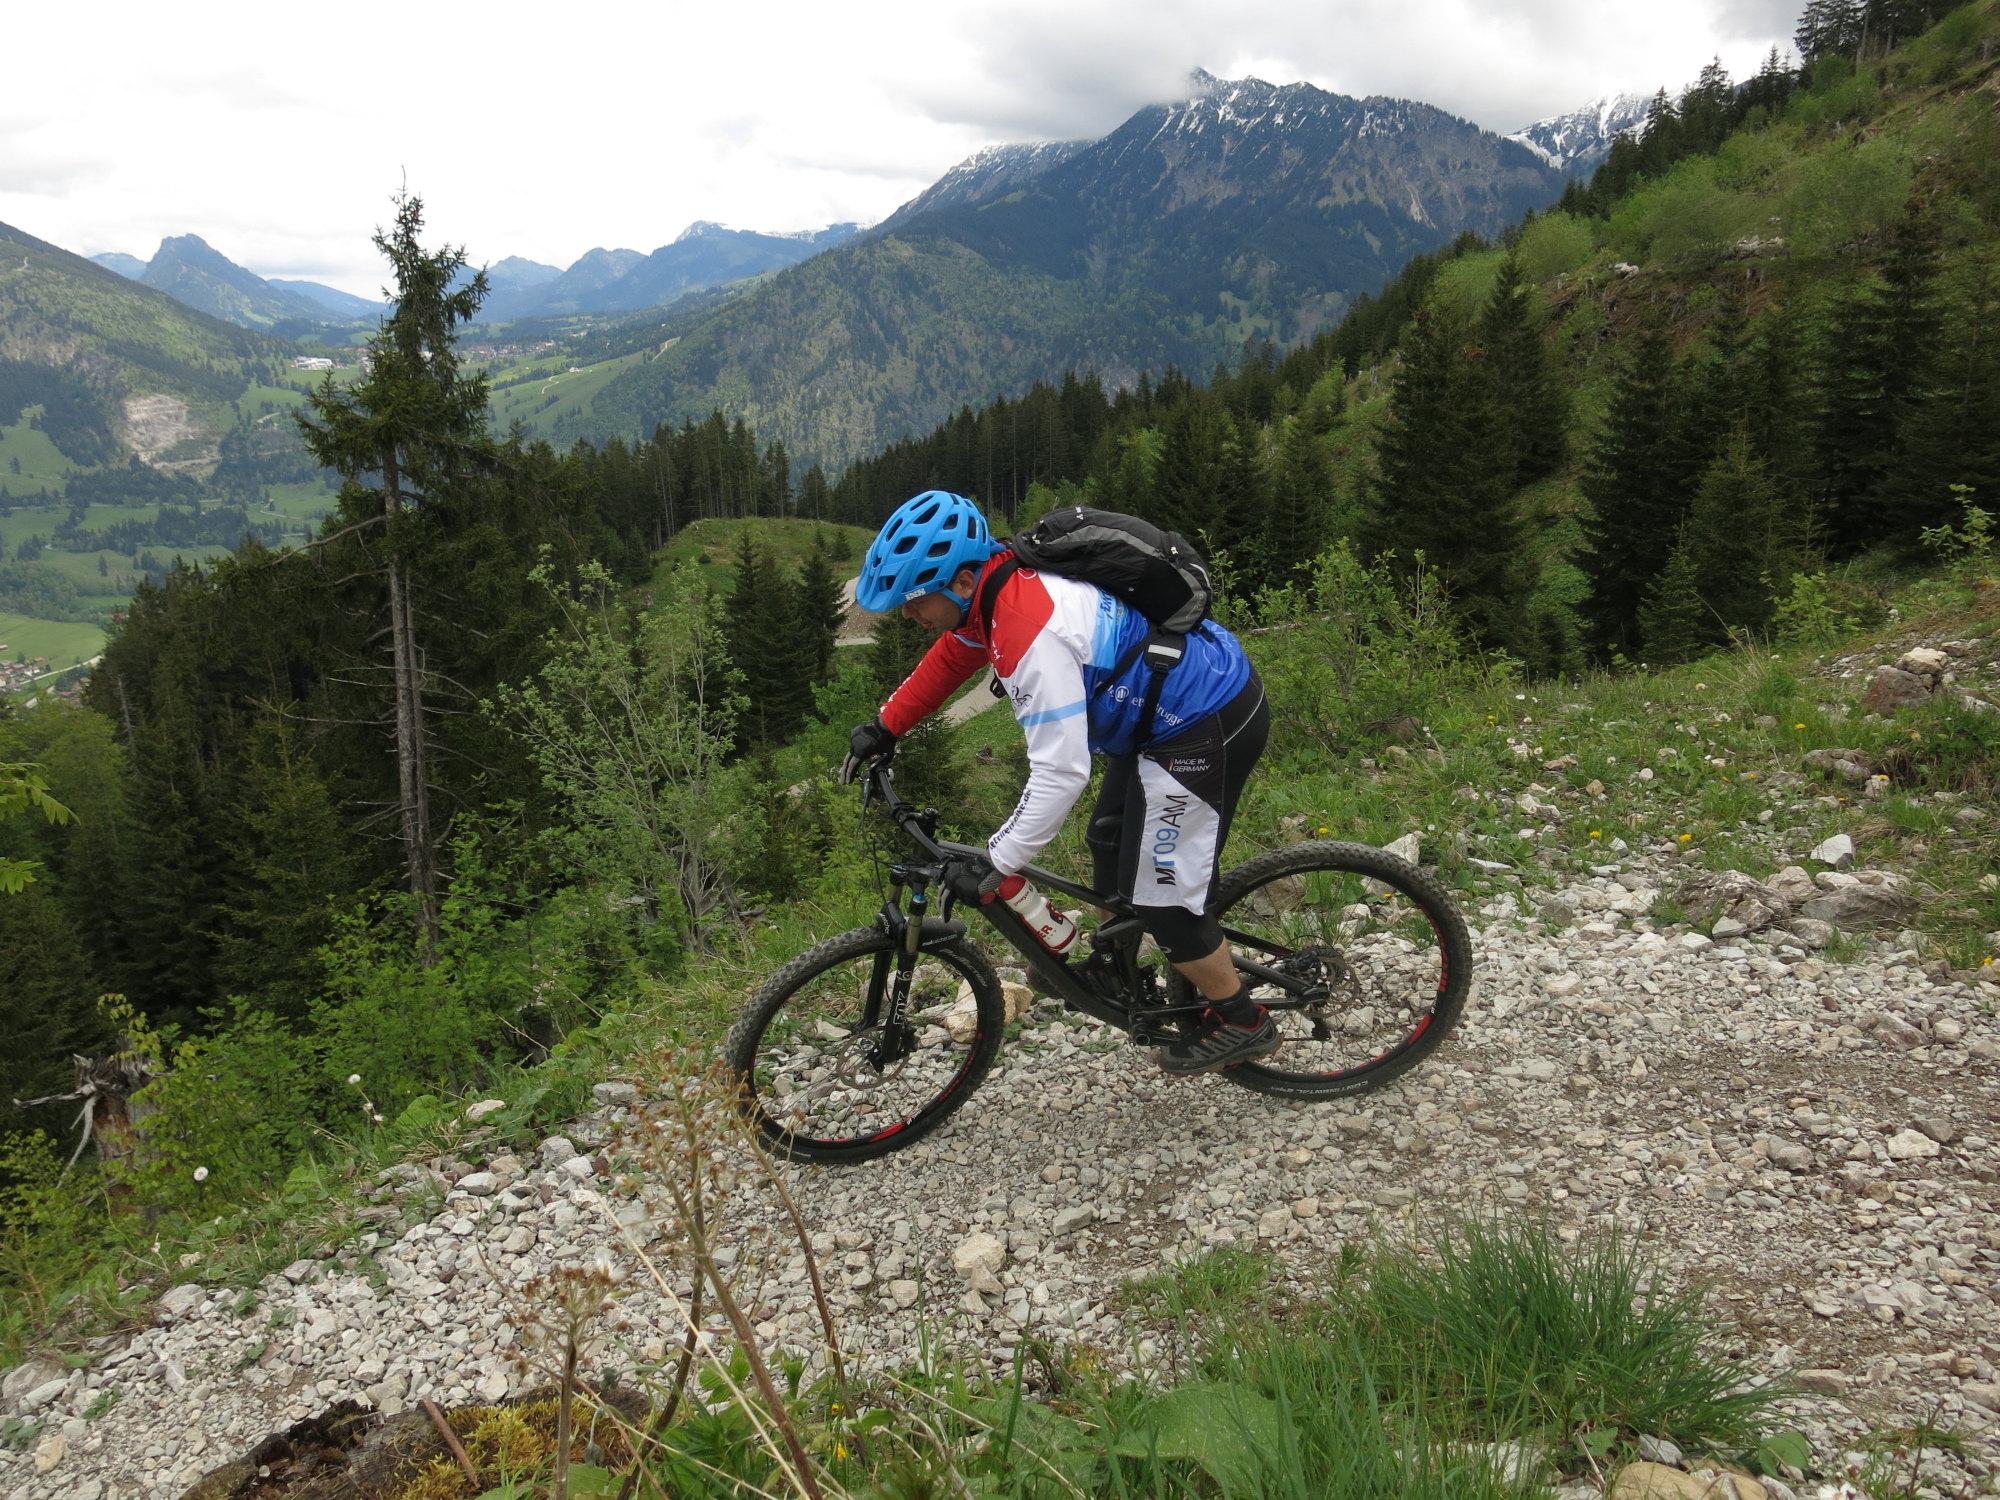 Ride Alpine Trails Mountainbike Freeride & Enduro Camp MTB Fahrtechnik Kurs Ride on